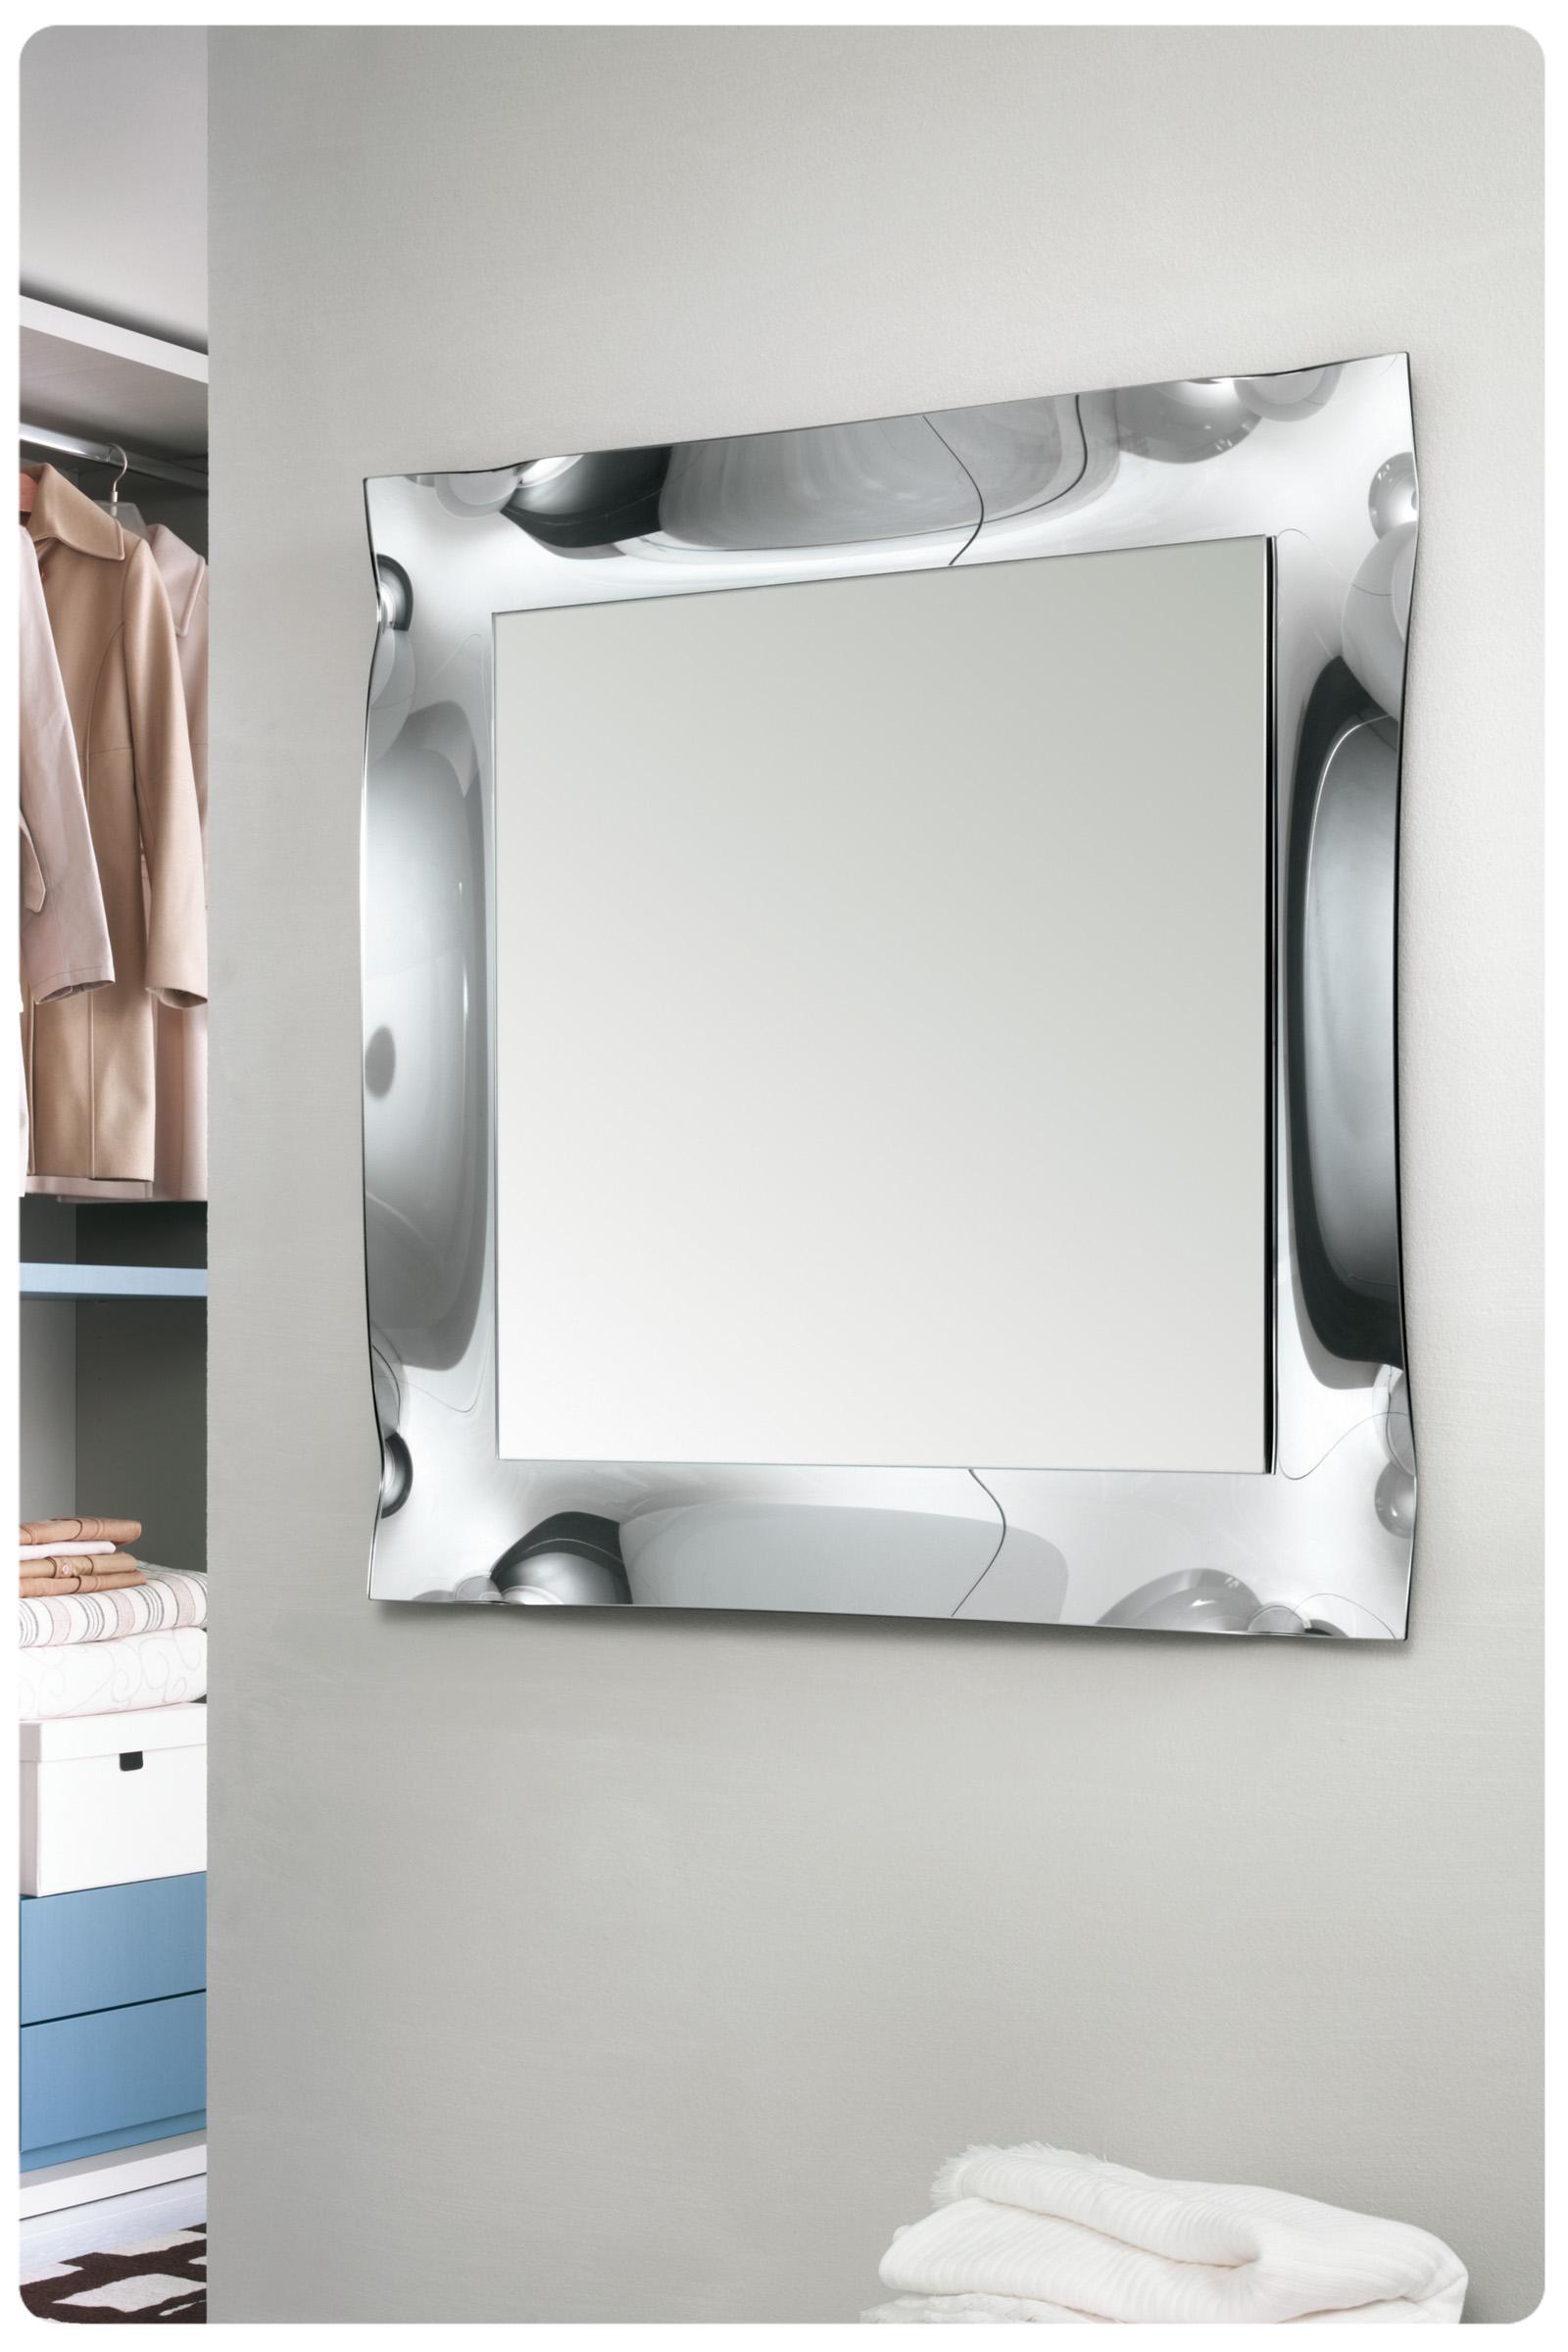 Specchi milano il tuo negozio di specchi lops - Specchi particolari per camera da letto ...